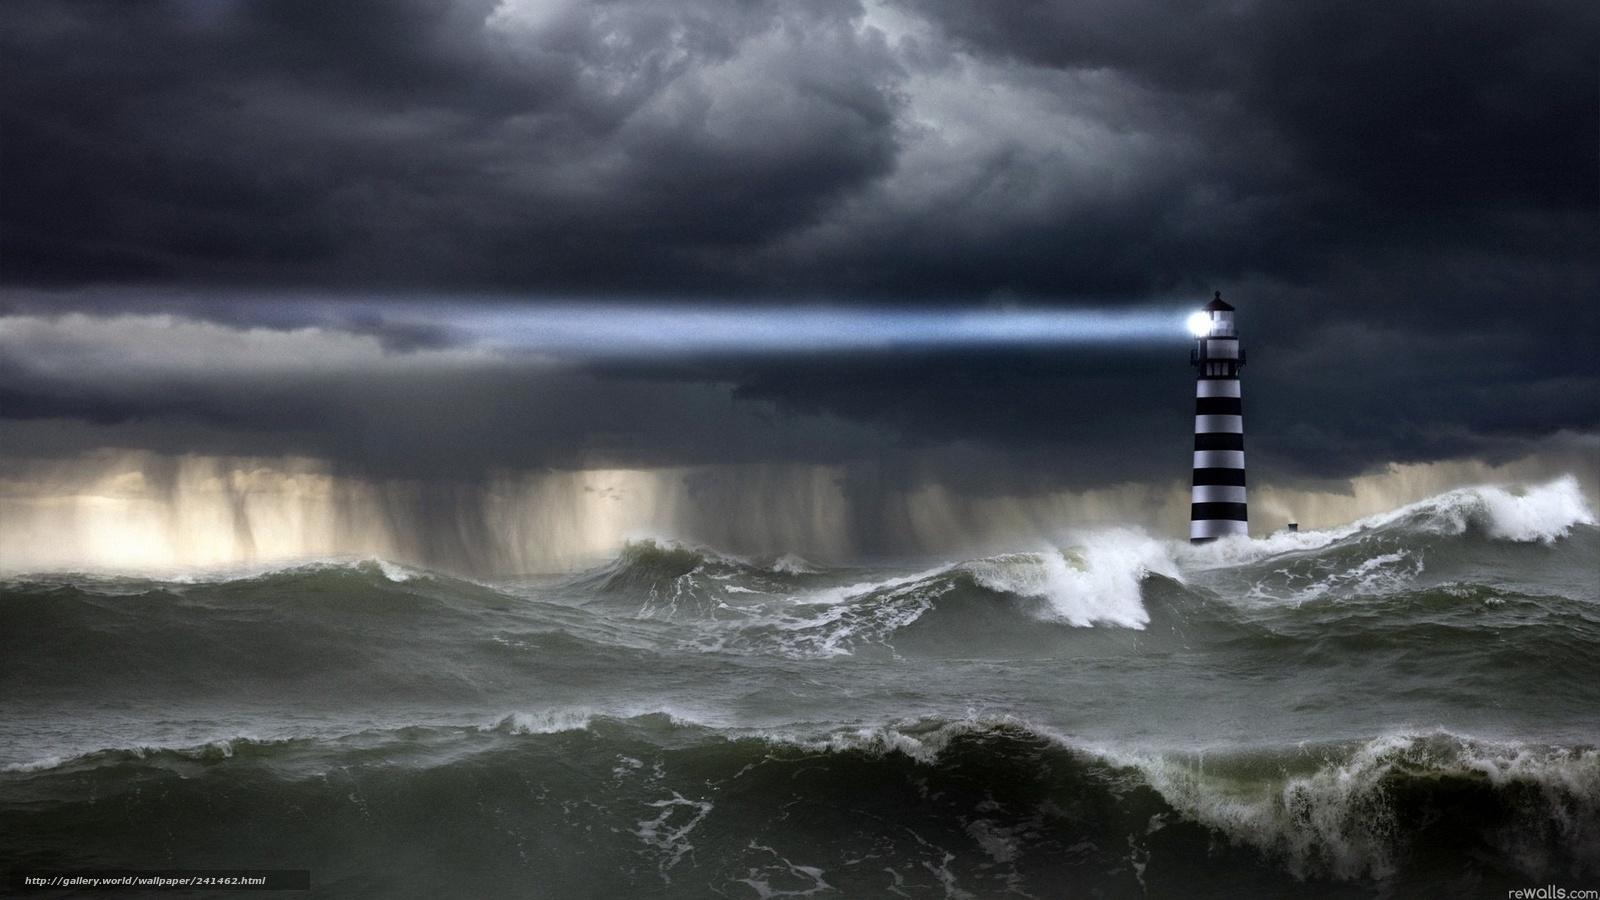 живые обои маяк шторм просьба, оставляйте